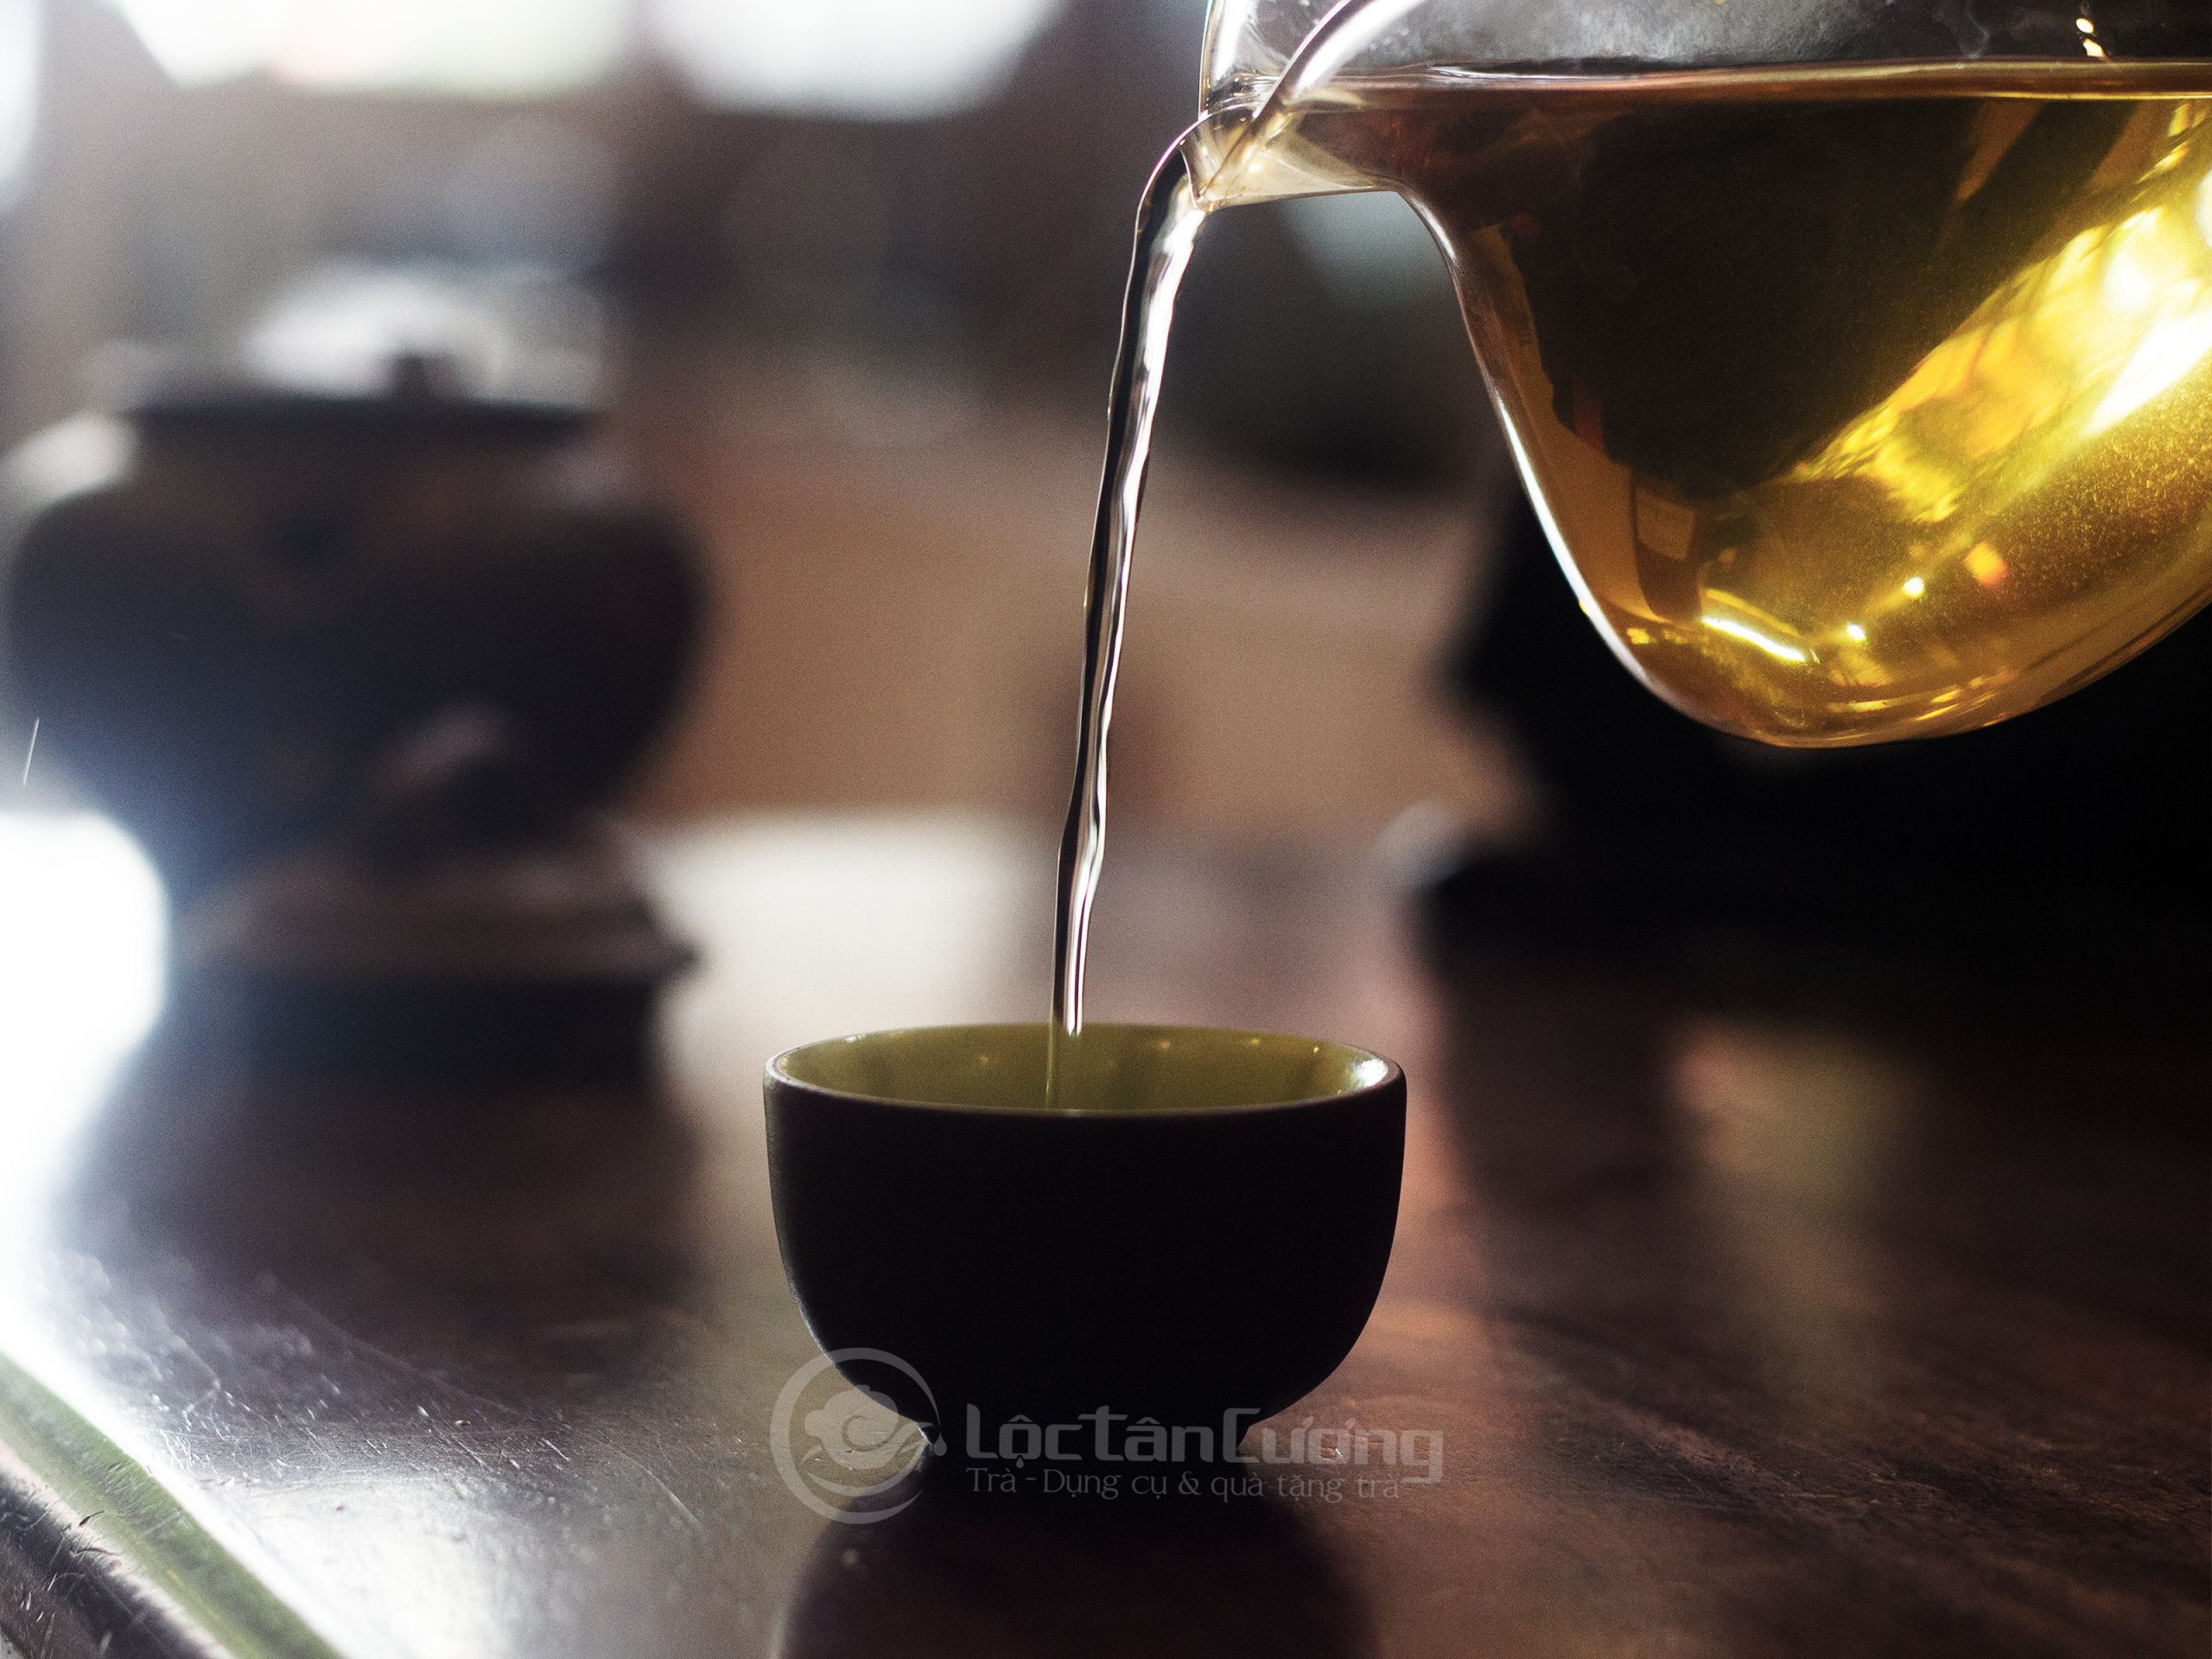 Trà sau khi pha có màu nước vàng trong, hương thơm thanh dịu và có vị hậu ngọt sâu như mật ong rừng